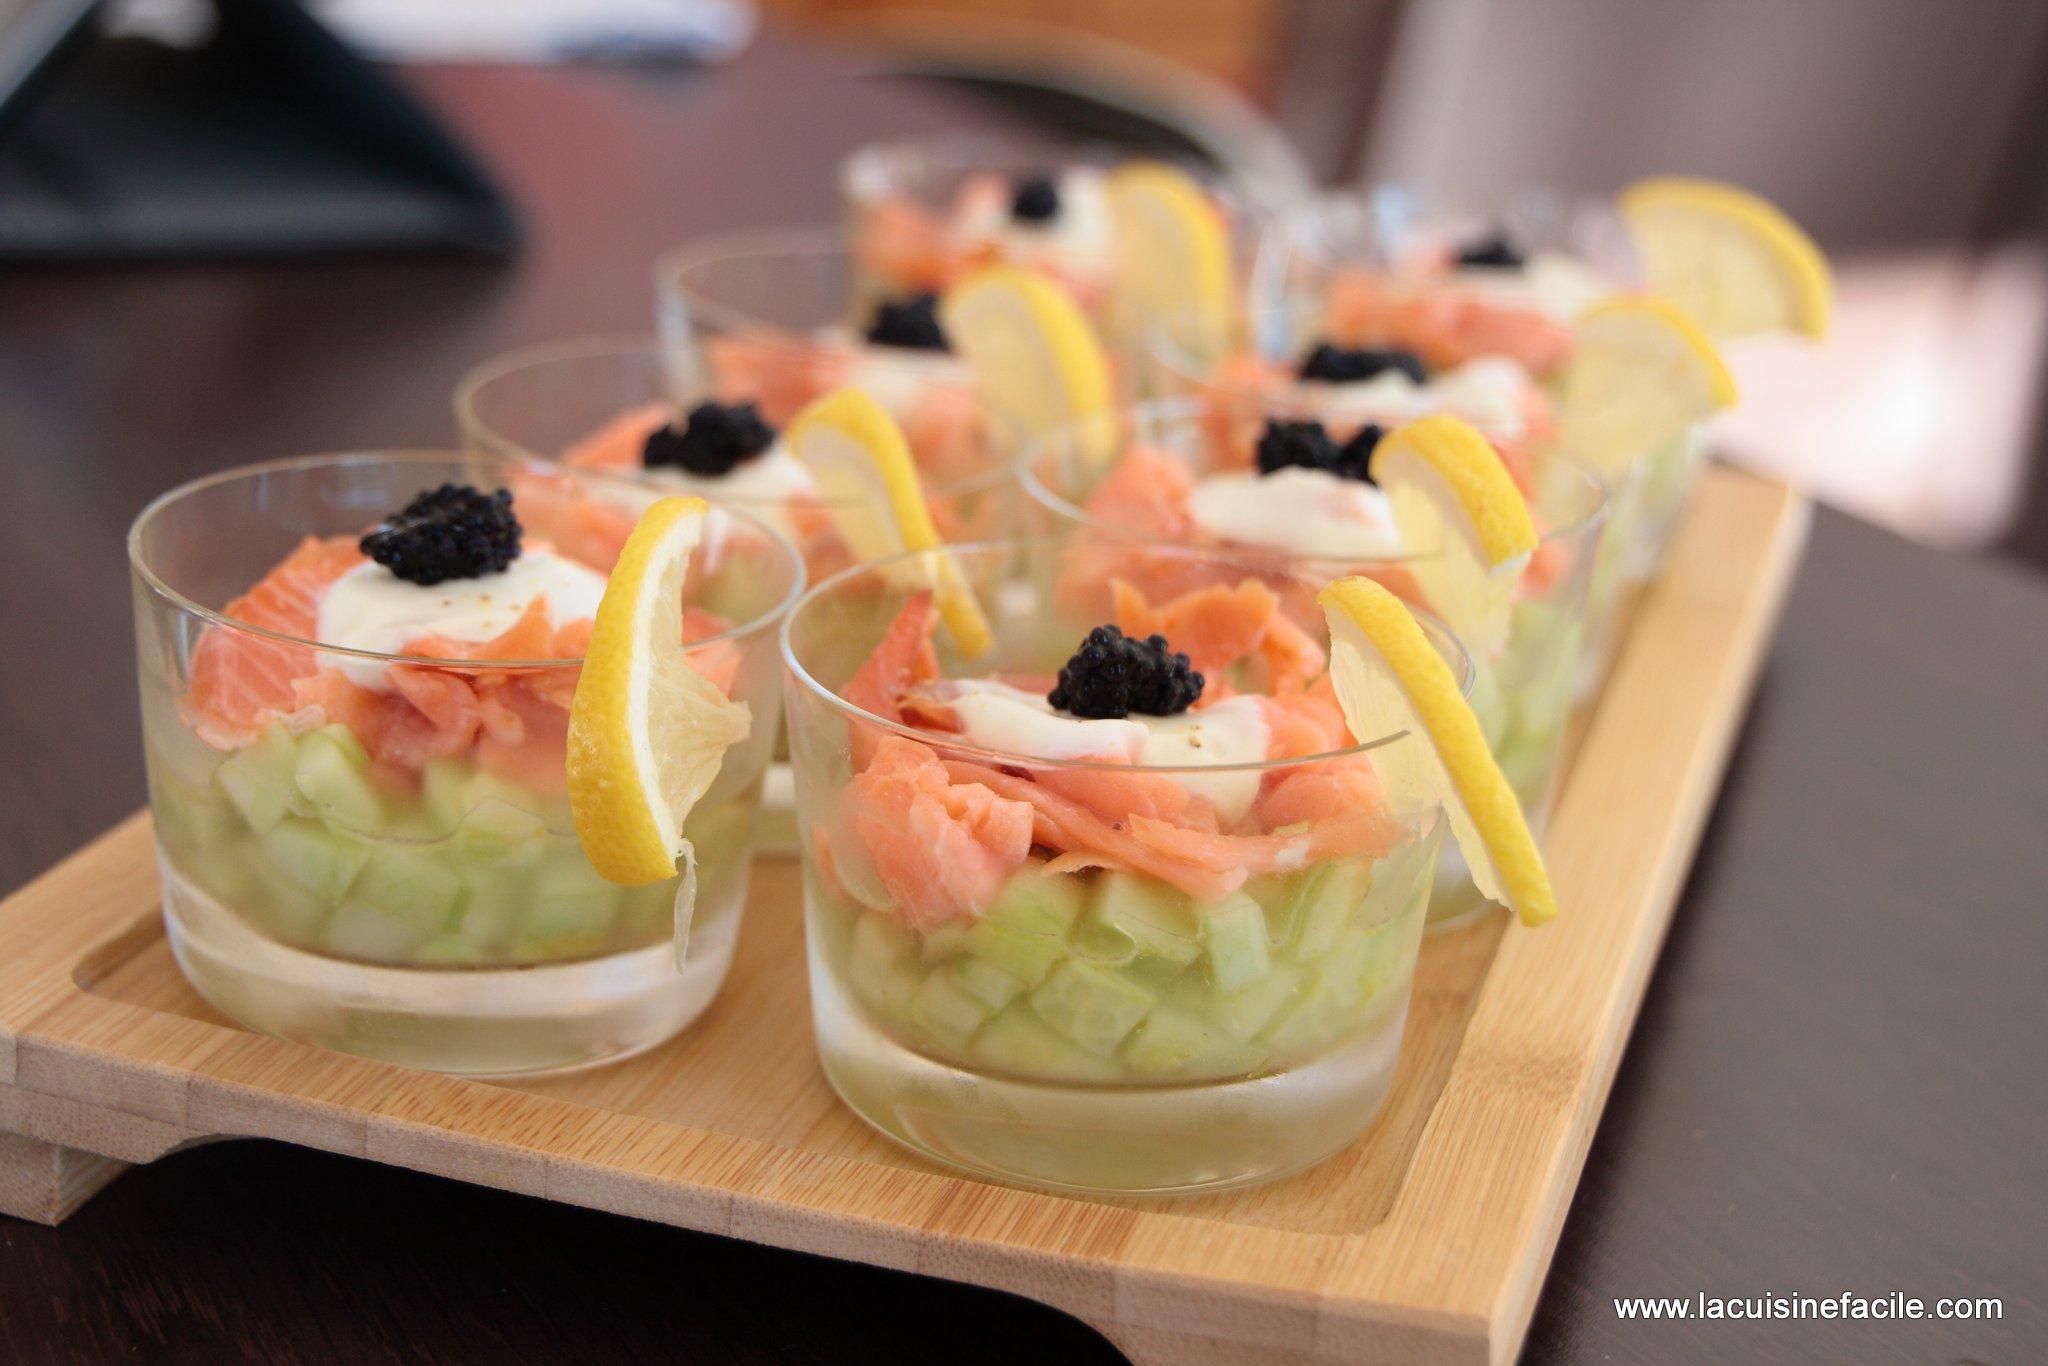 Verrine au saumon fumé, dés de concombre et citron